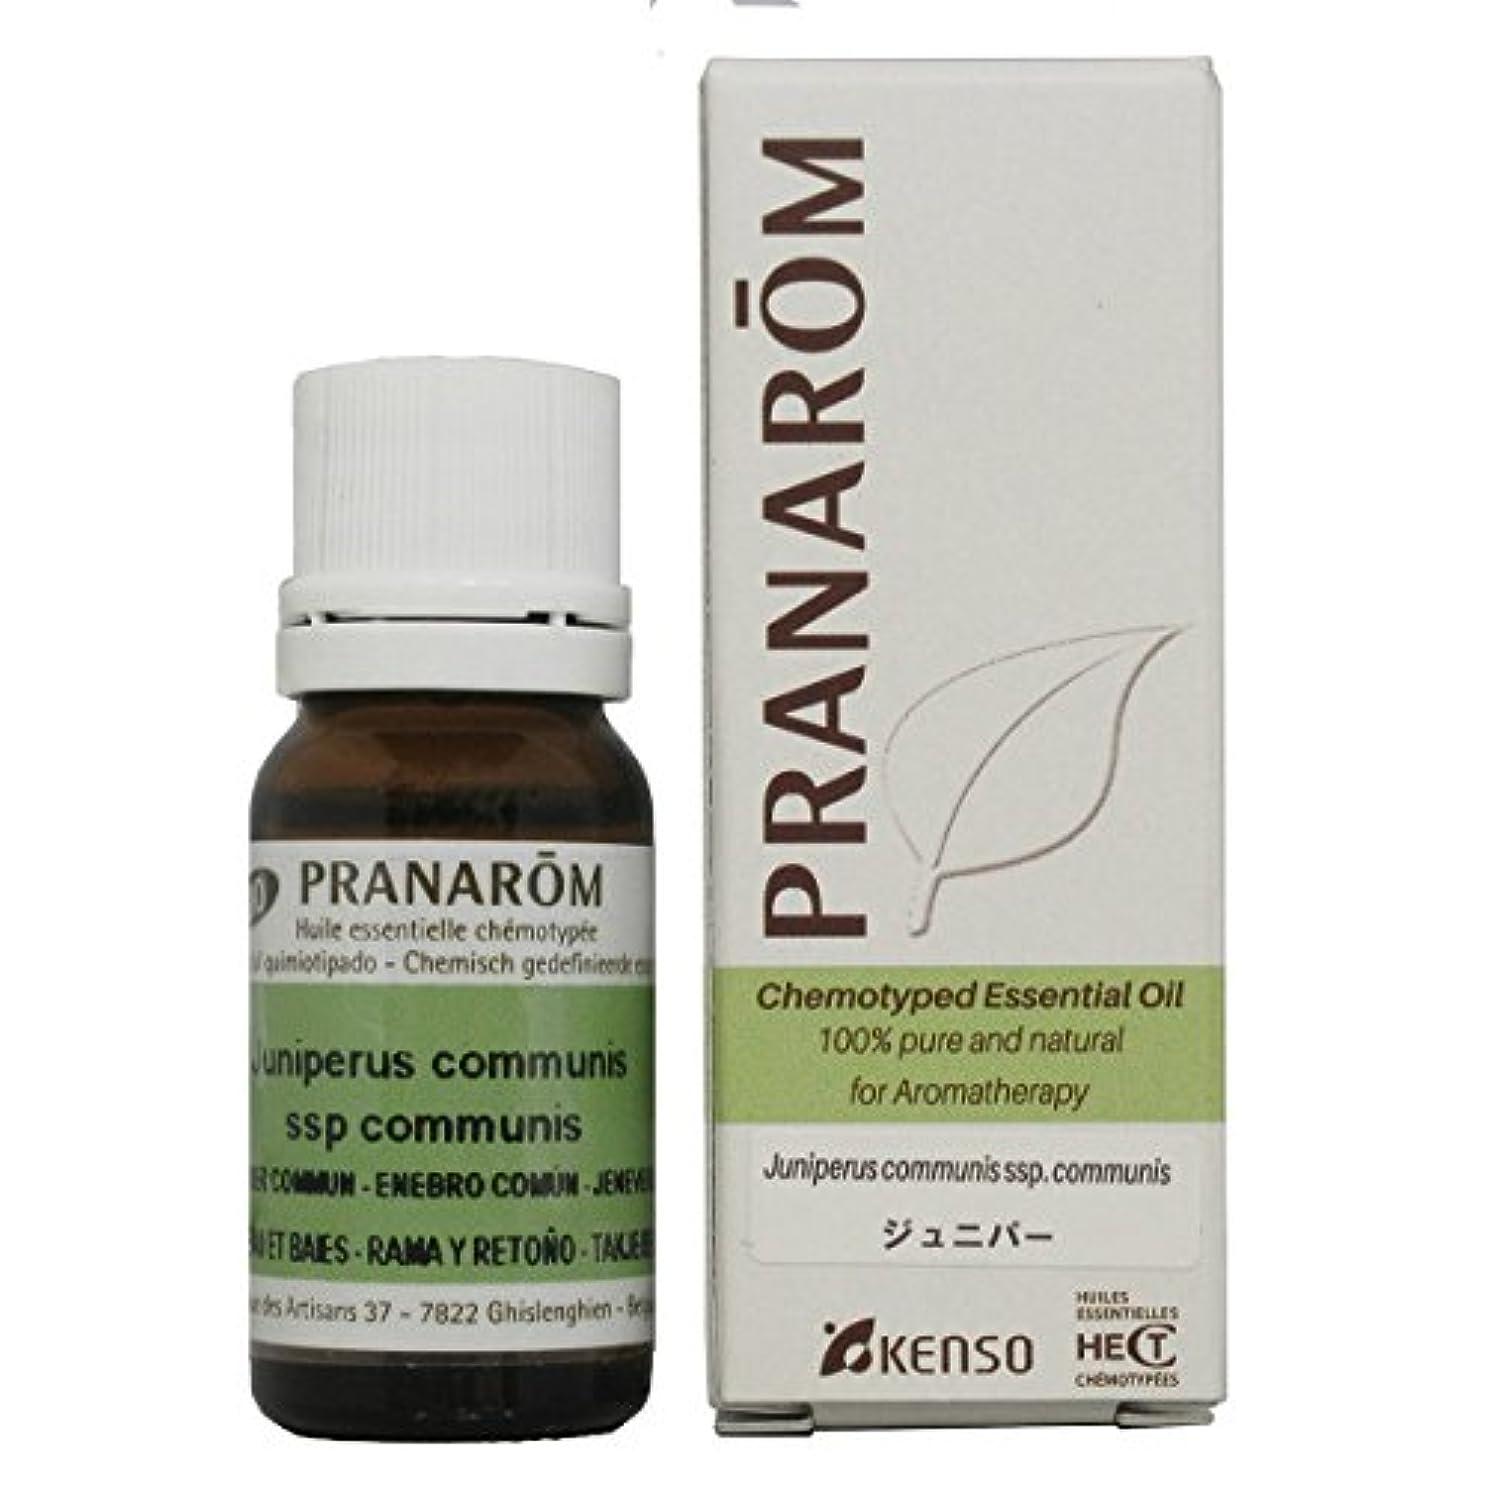 放棄ディスコ散らすプラナロム ジュニパー(葉枝) 10ml (PRANAROM ケモタイプ精油)